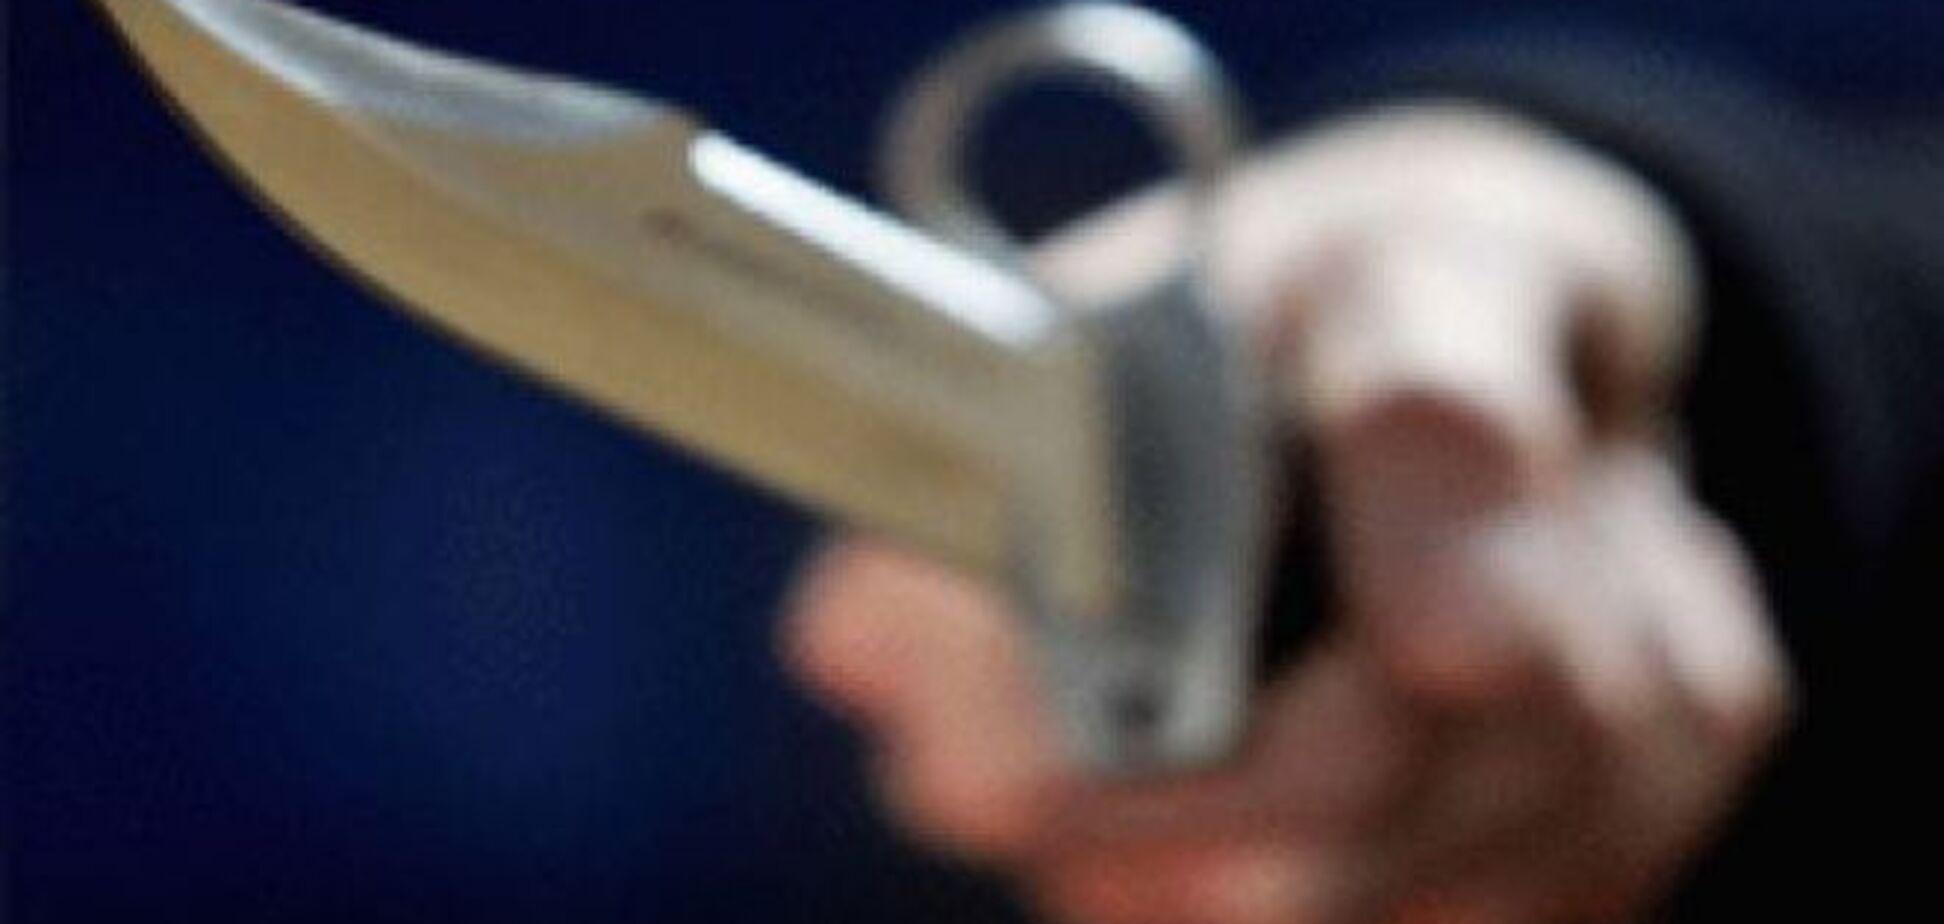 ЧП в Киеве: неизвестные тяжело ранили ножом 13-летнего ребенка и мужчину